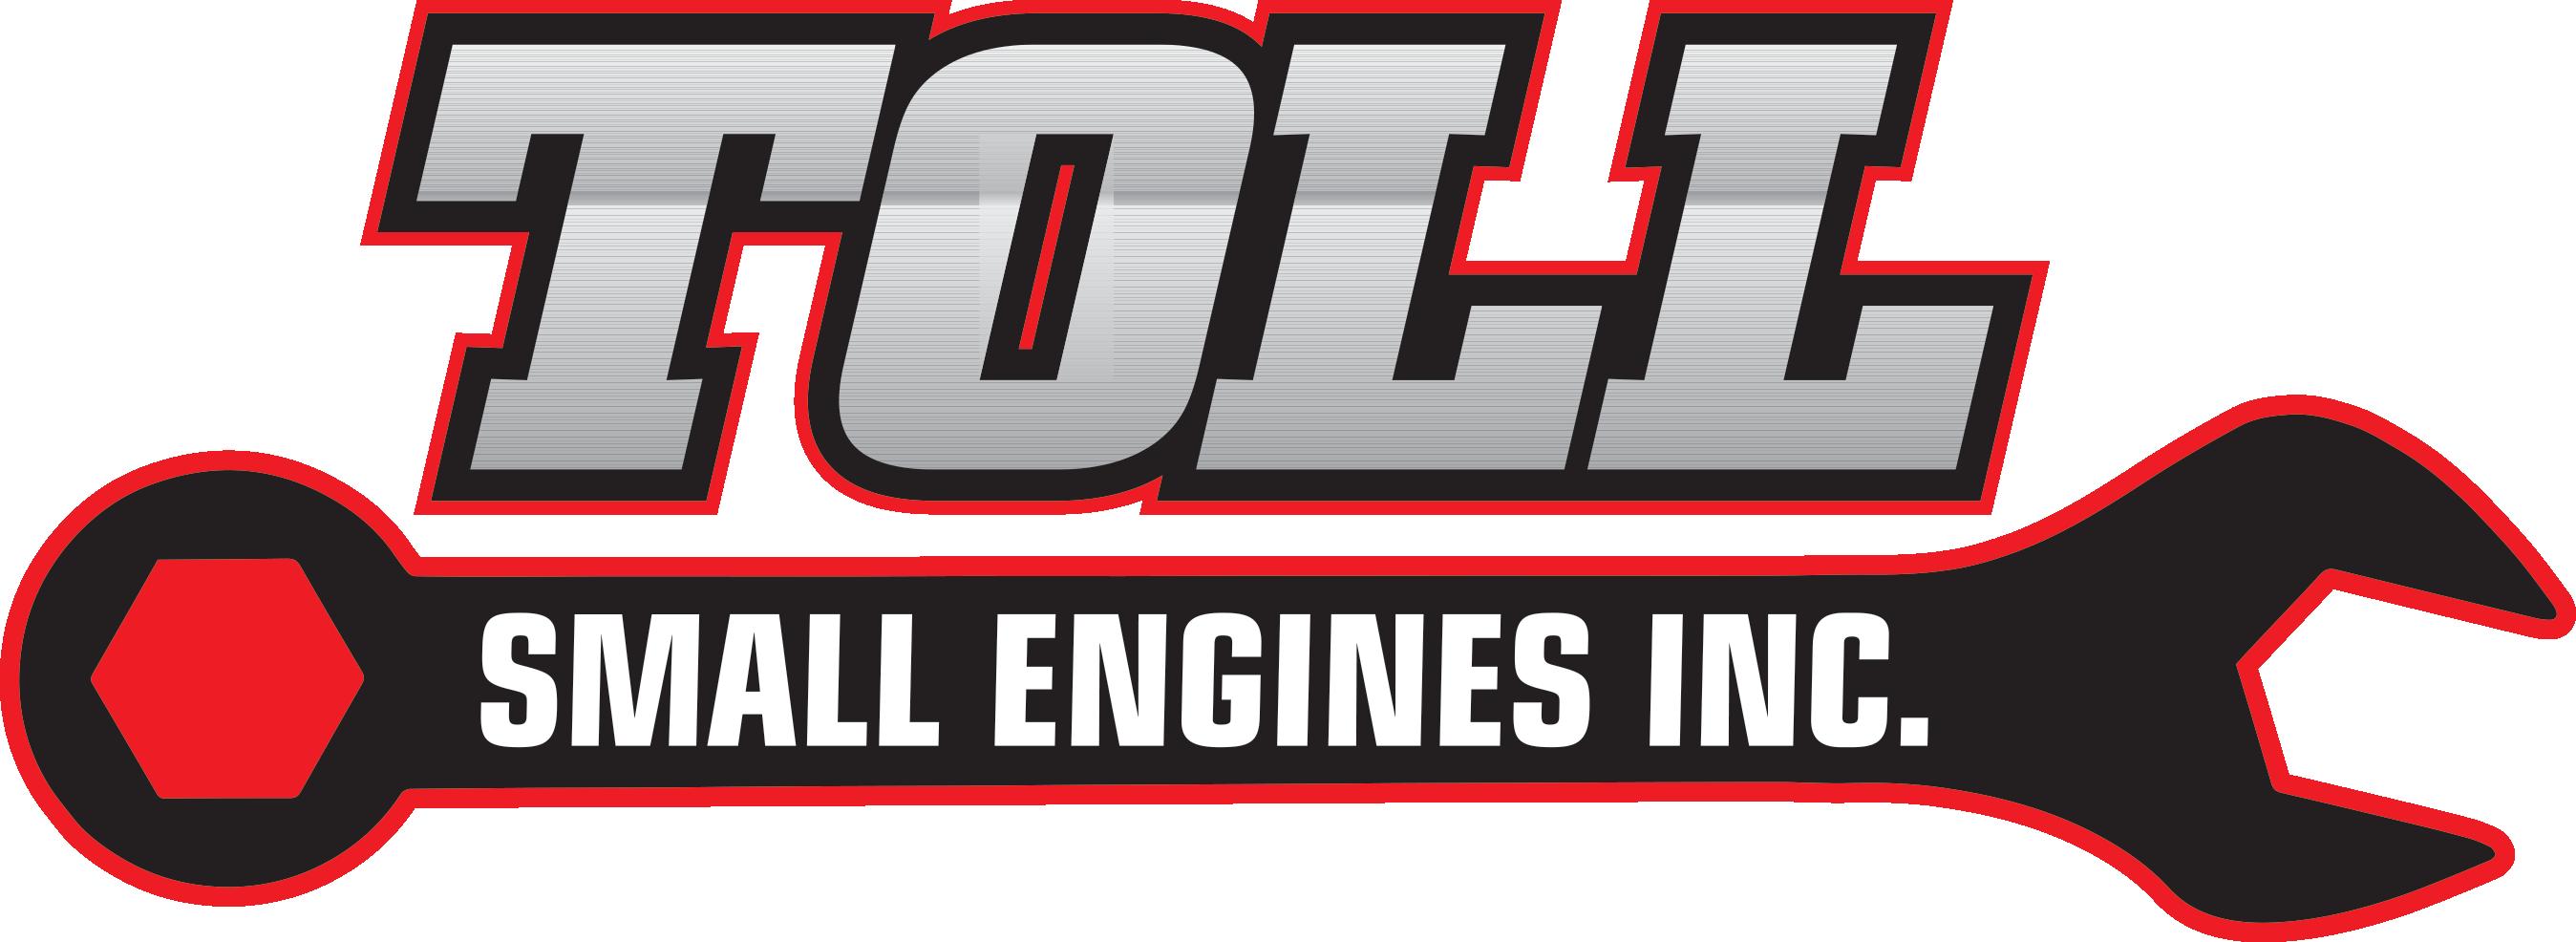 Engine clipart small engine, Engine small engine Transparent.